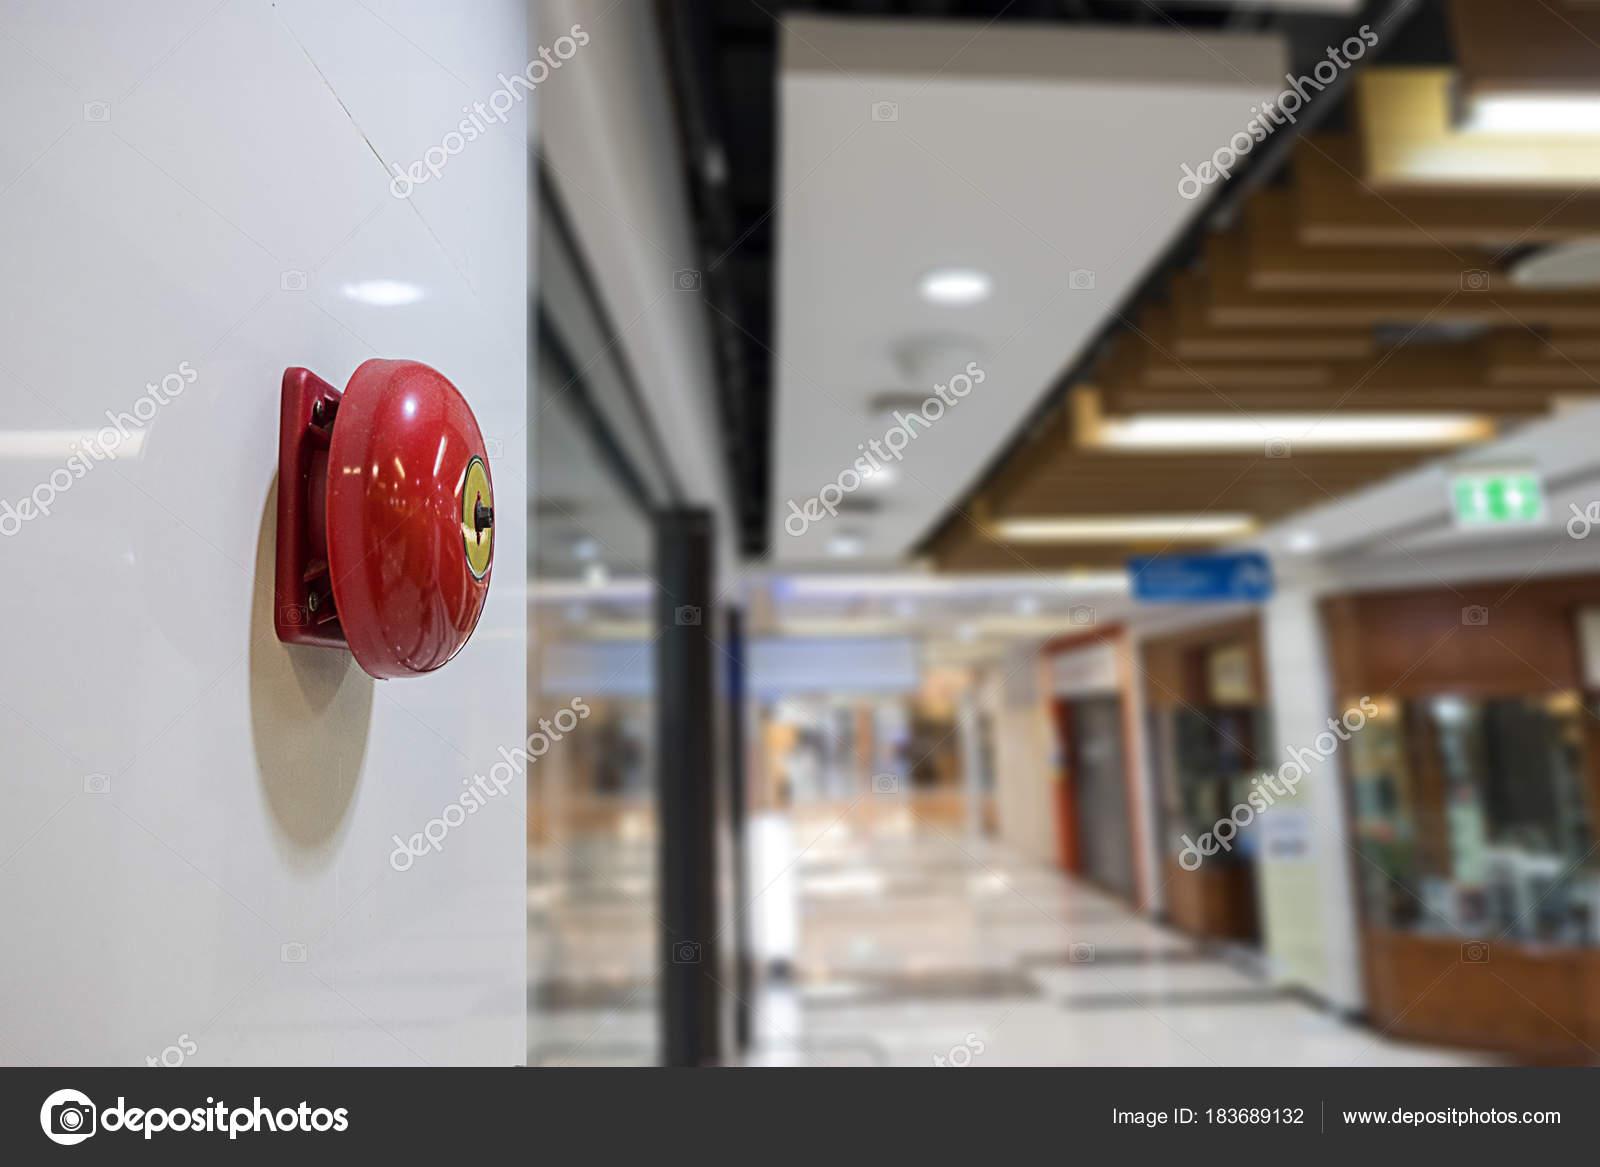 cc100eb35c2d1 Disparar o alarme na parede do centro comercial de alerta e segurança sys —  Fotografia de